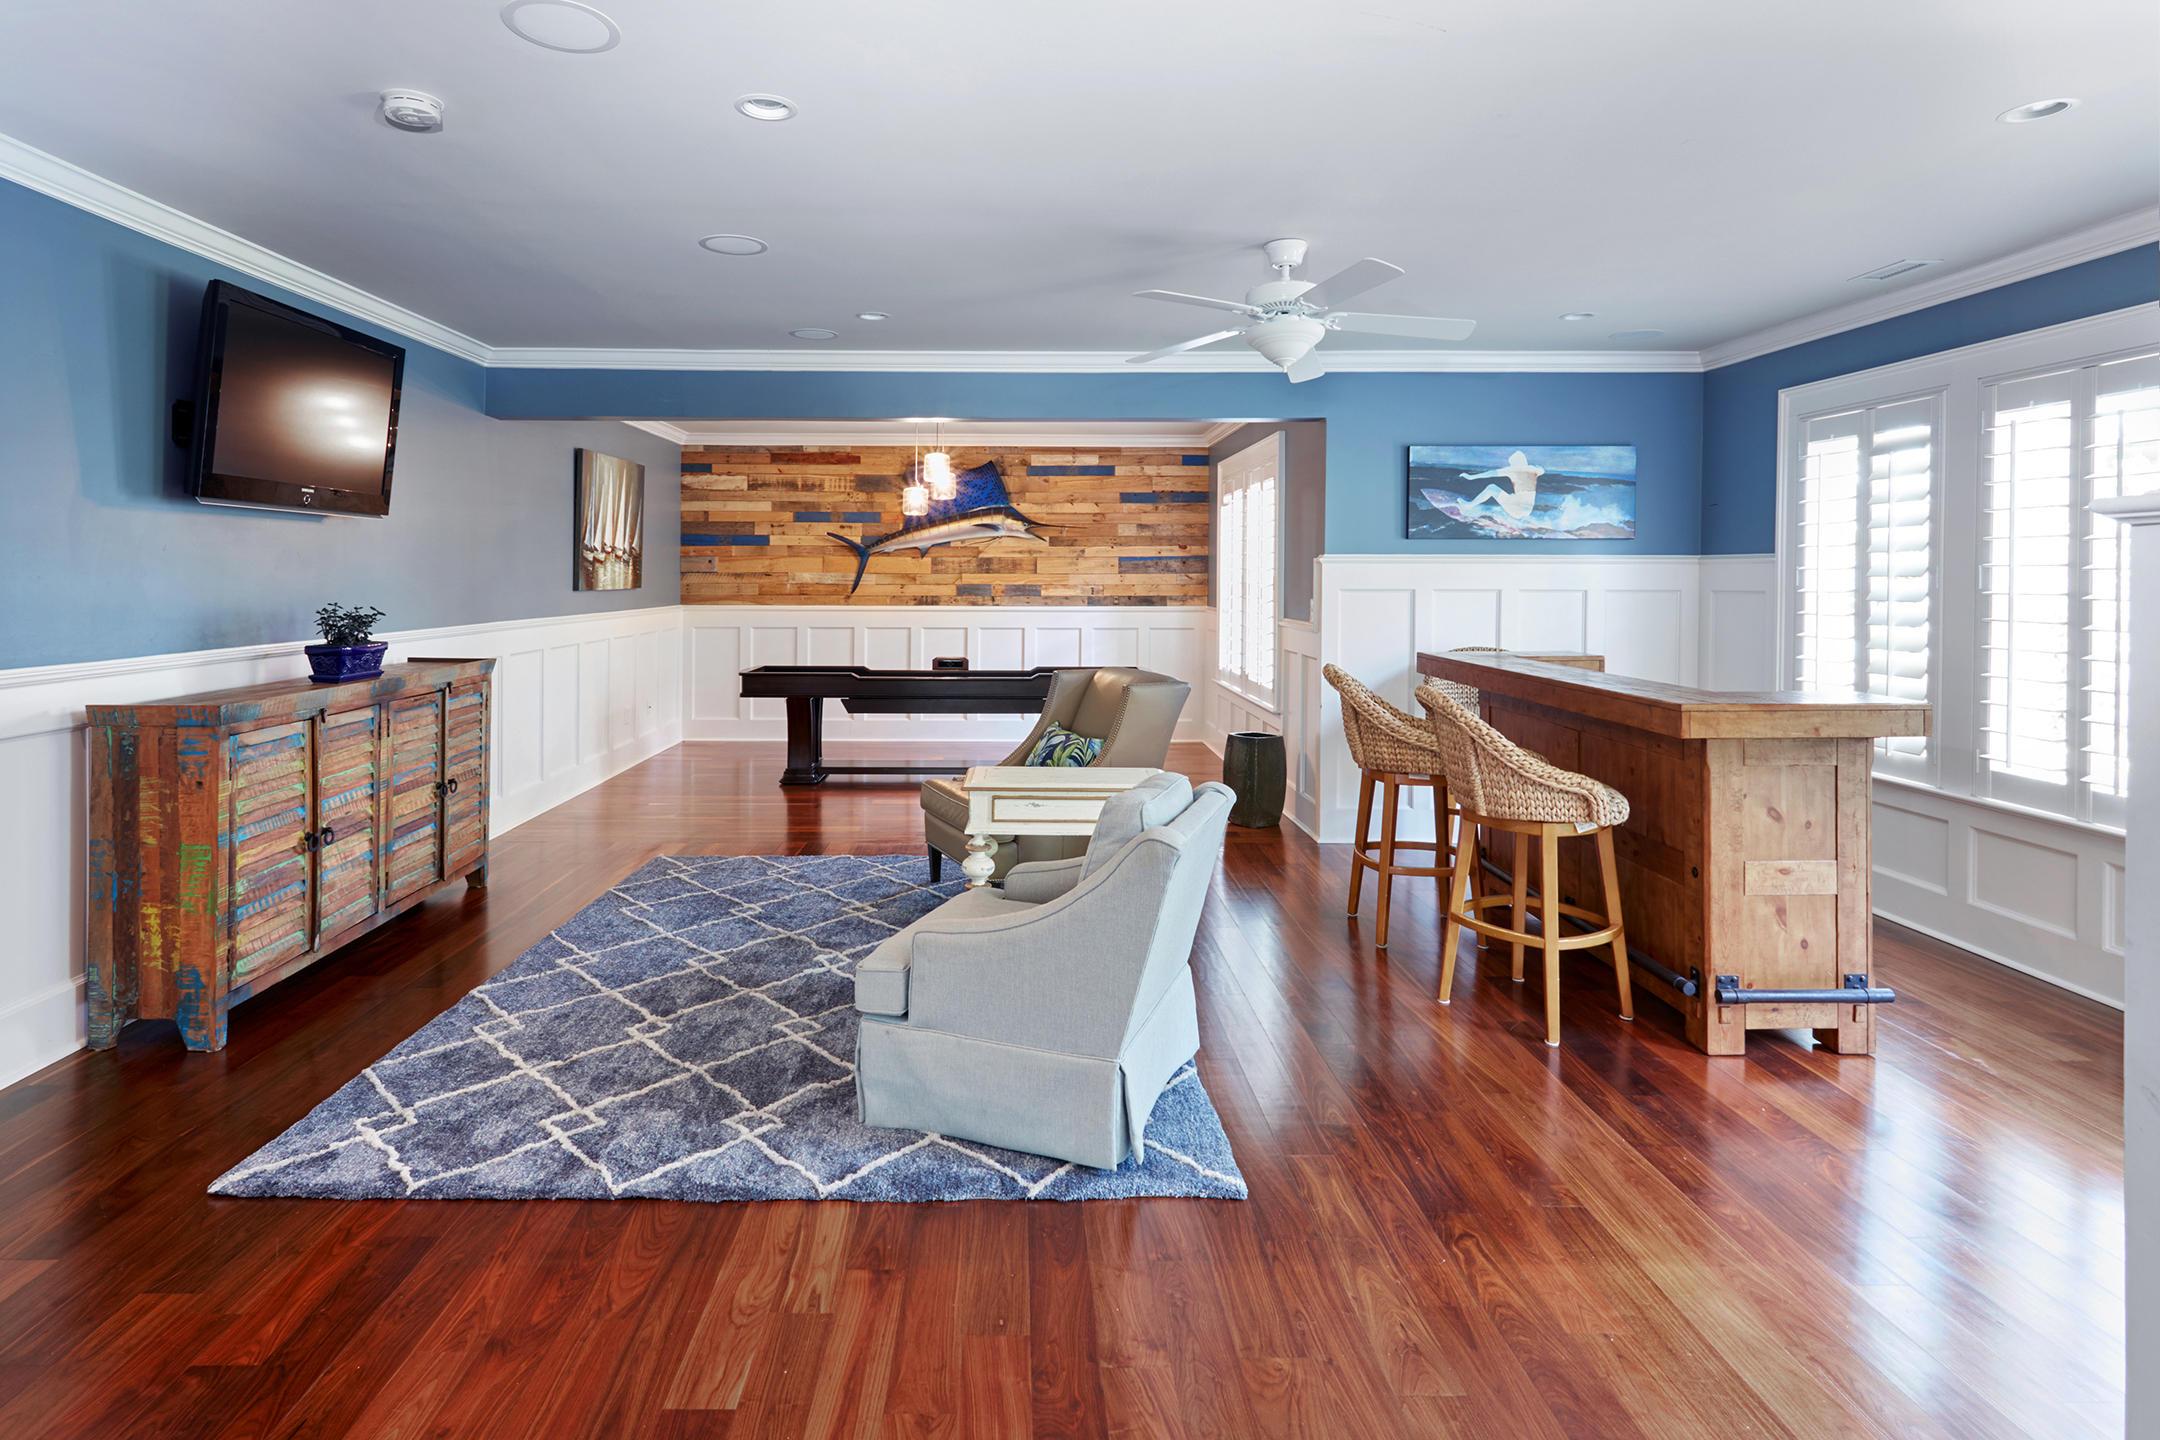 Park West Homes For Sale - 3885 Ashton Shore, Mount Pleasant, SC - 53